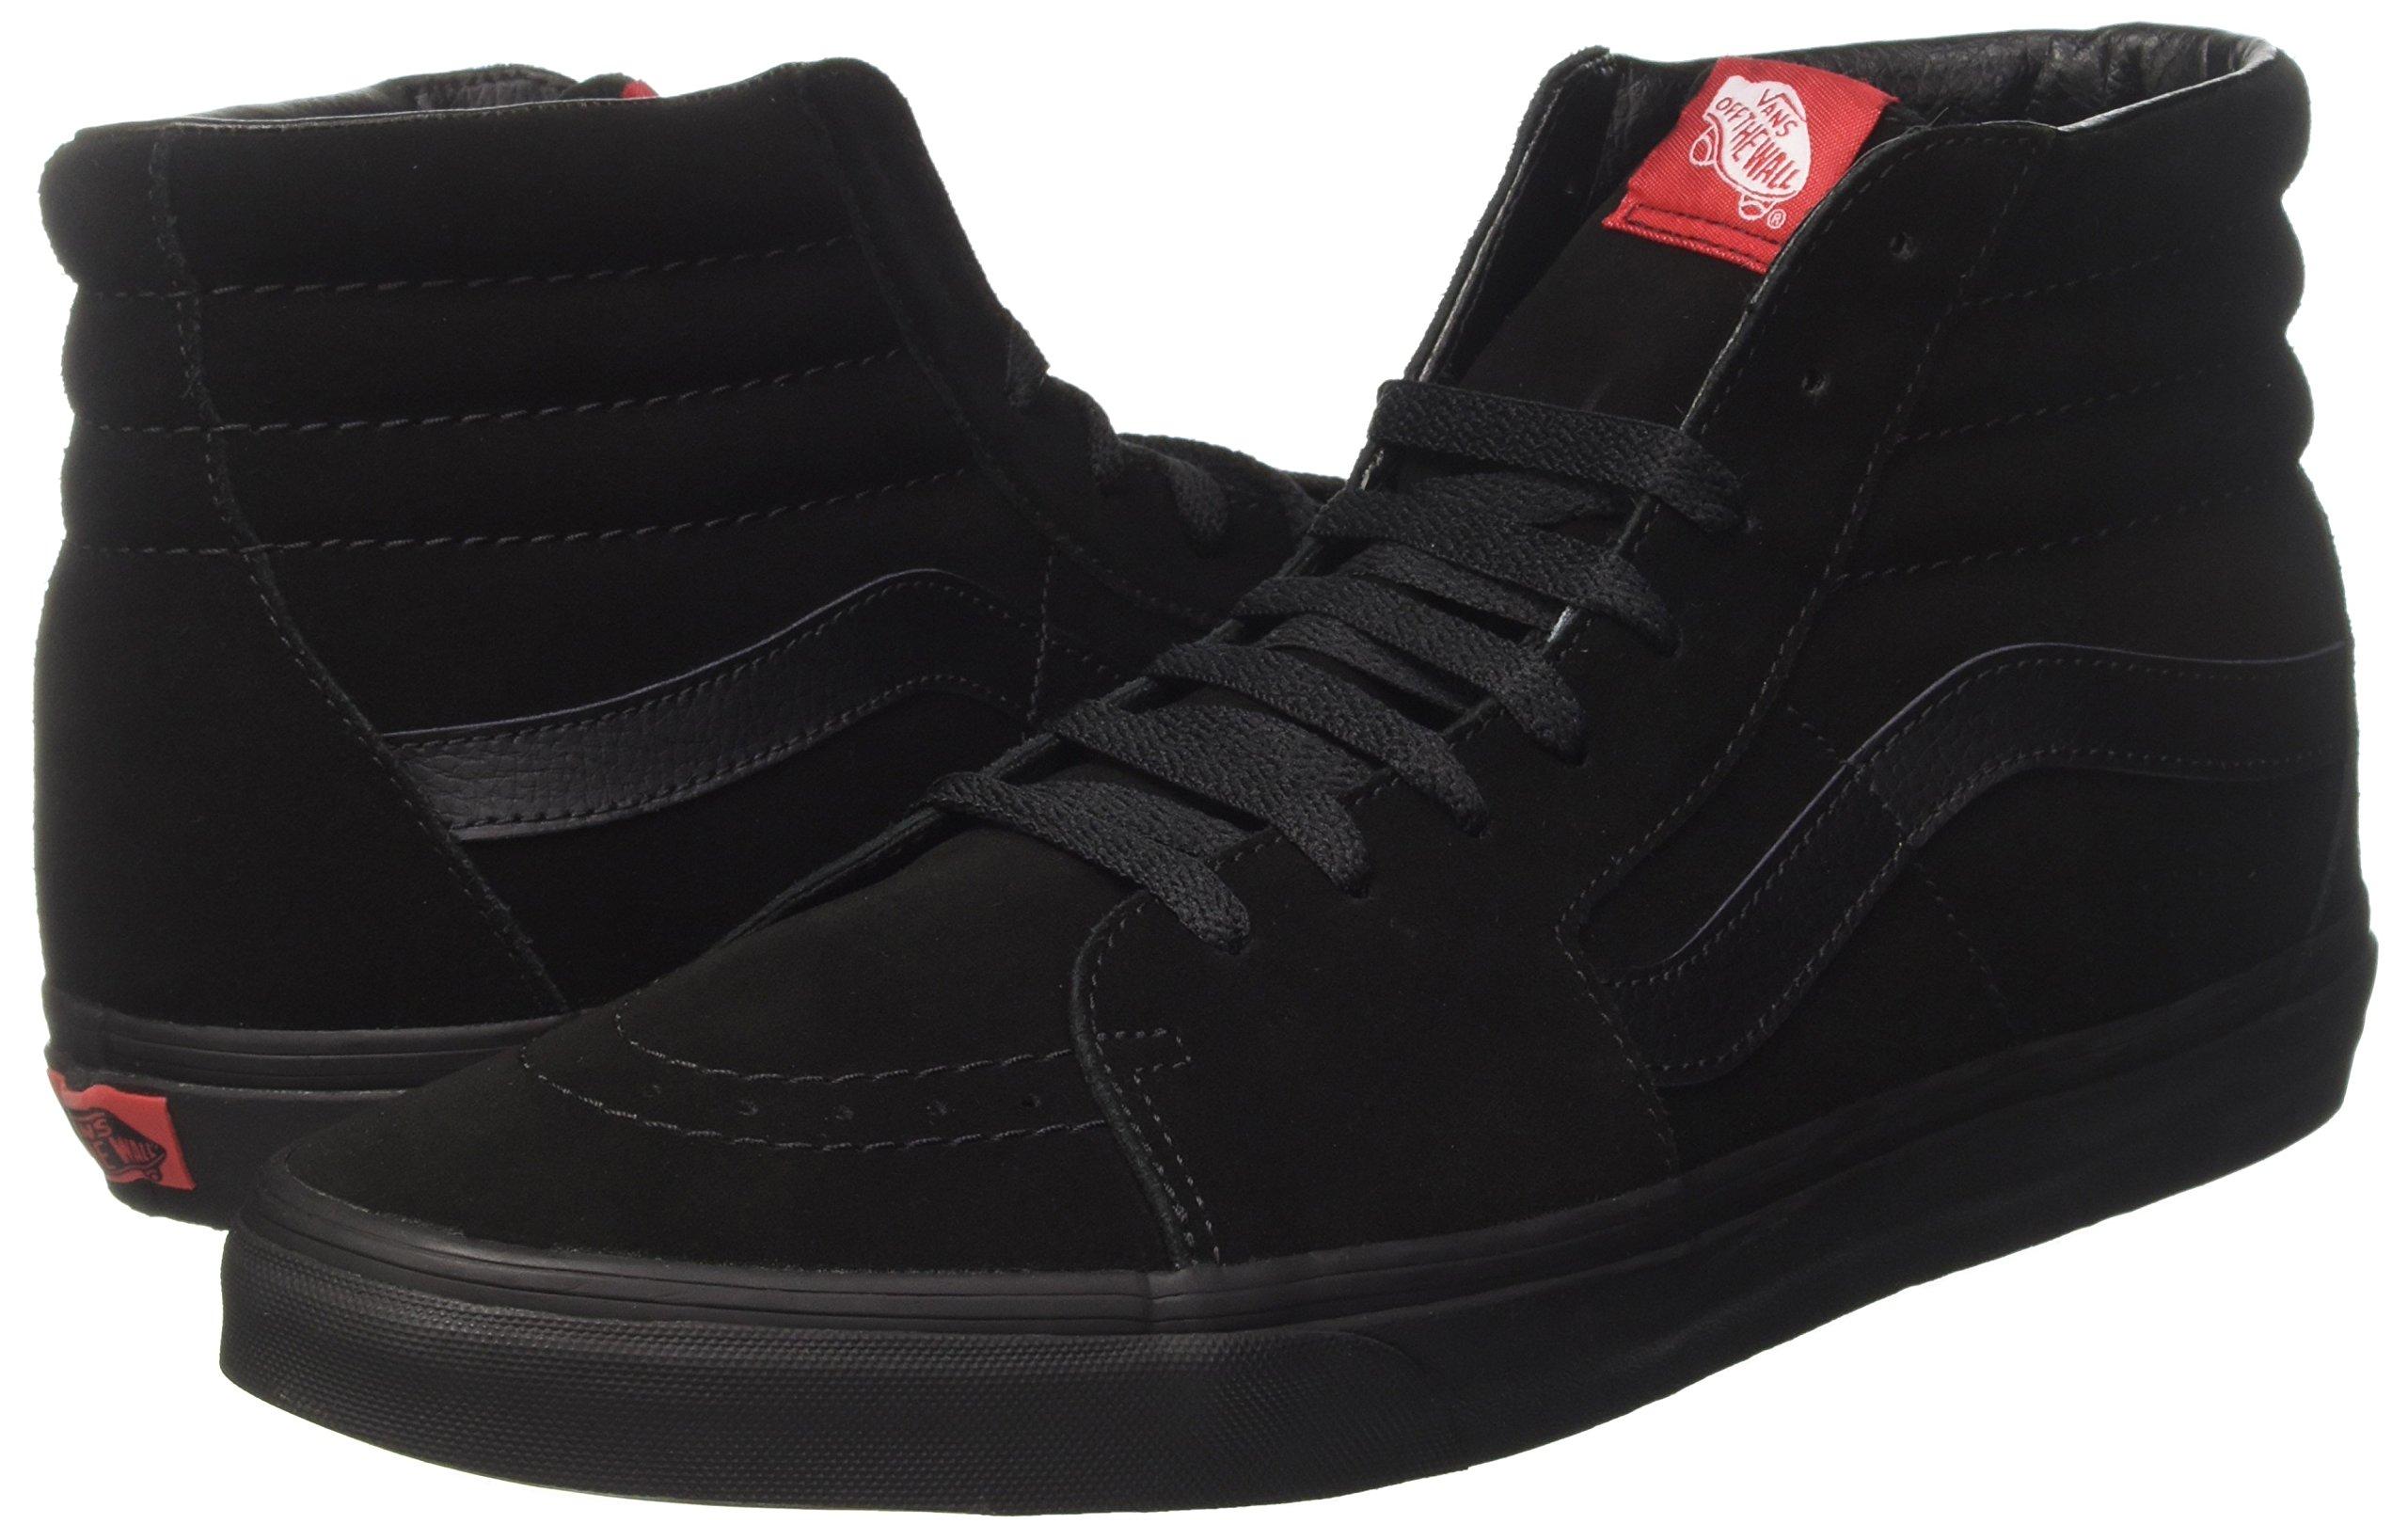 Vans Unisex SK8-Hi MTE (MTE) Black/Leather 6 Women / 4.5 Men M US by Vans (Image #5)